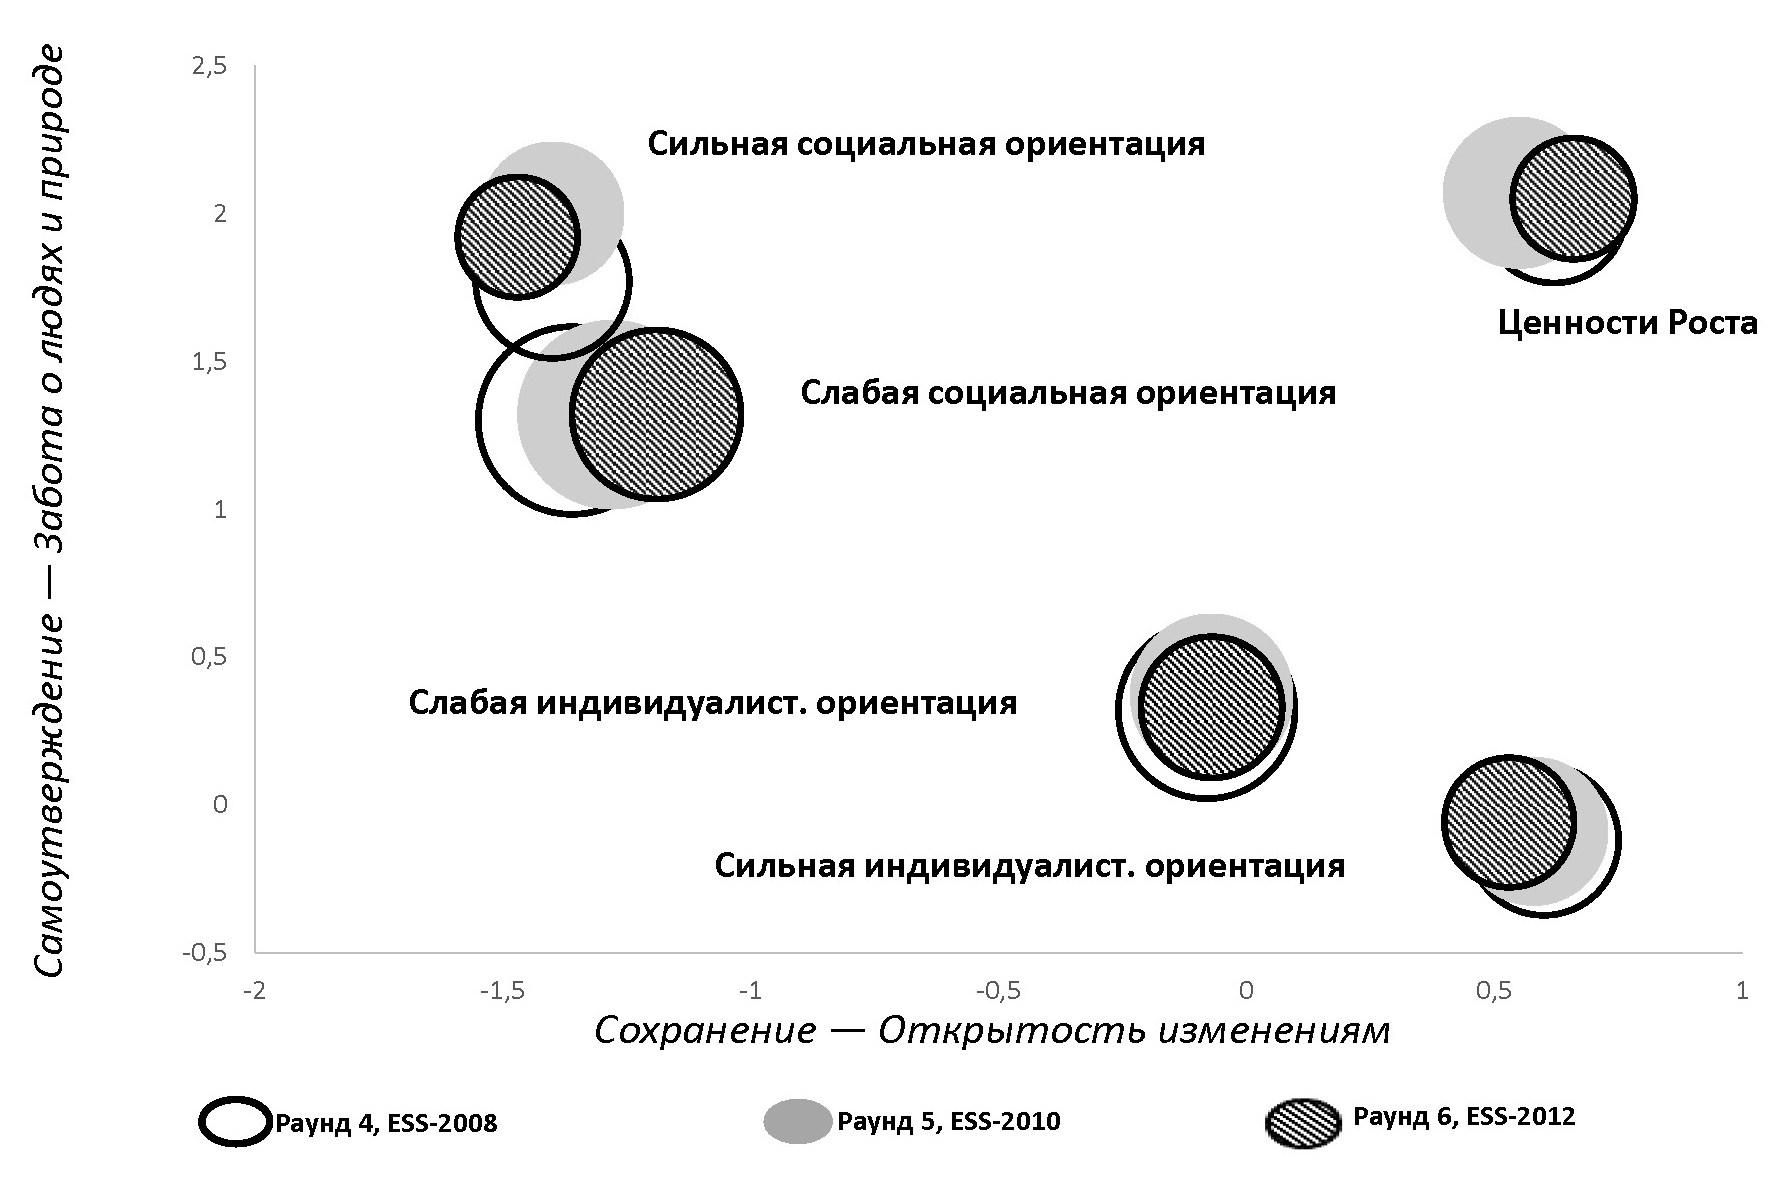 Рис. 2. Ценностные классы европейского населения в пространстве ценностных осей (классы расположены в соответствии со средними значениями по каждой из ценностных осей) [1]